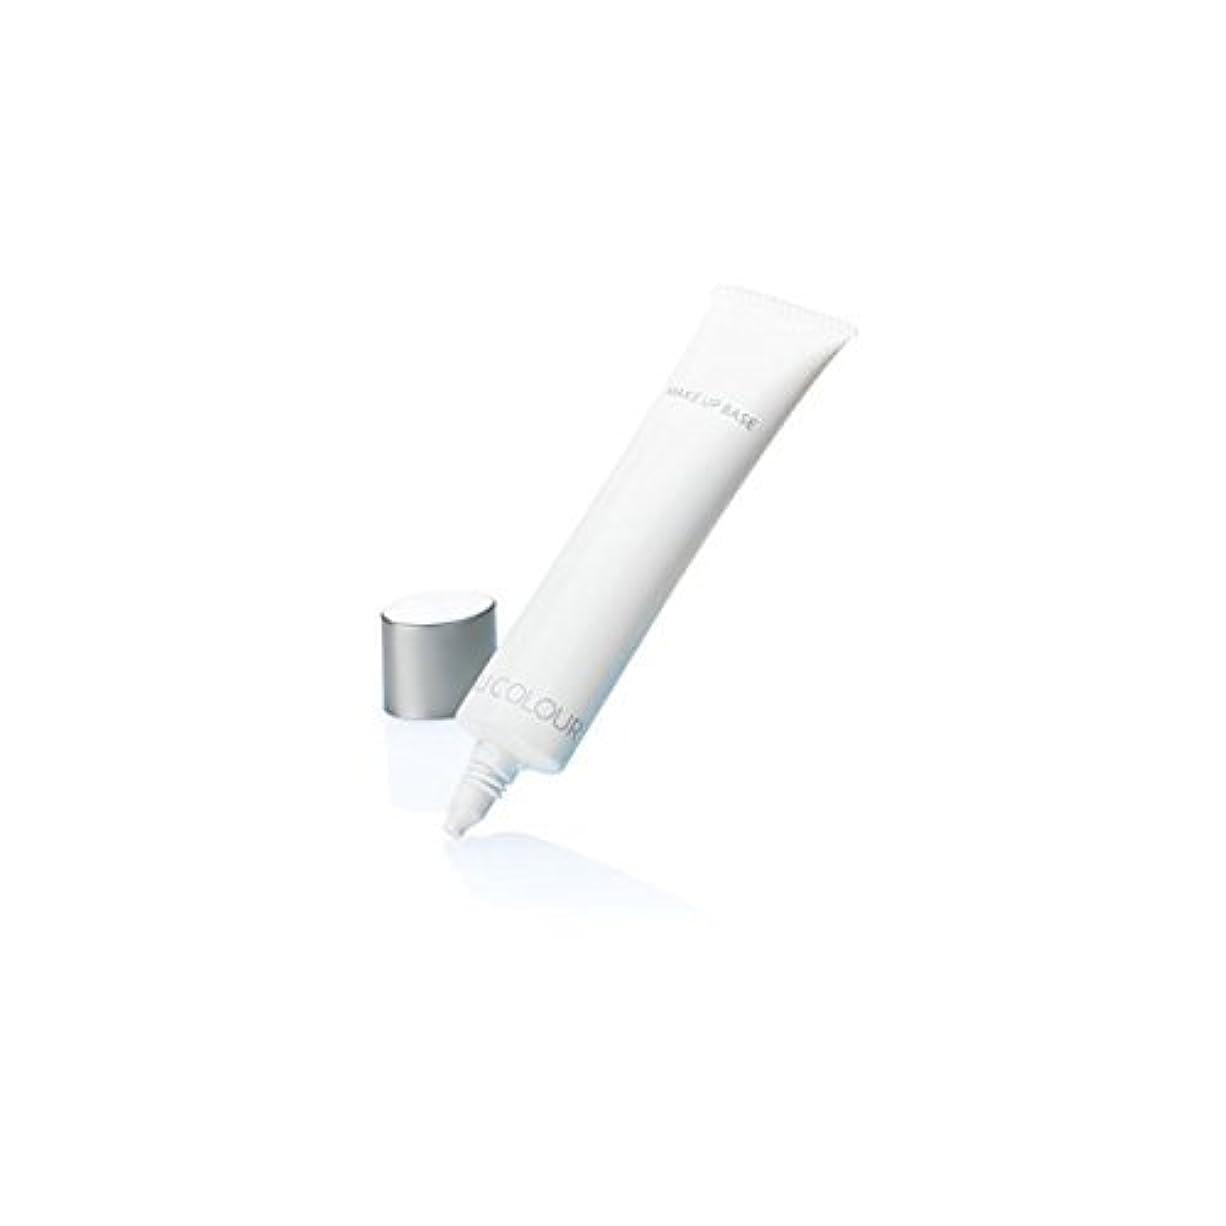 唯一アシュリータファーマン読書ニュースキン NU SKIN UV メイクアップ ベース SPF18?PA++ クリア 03160813